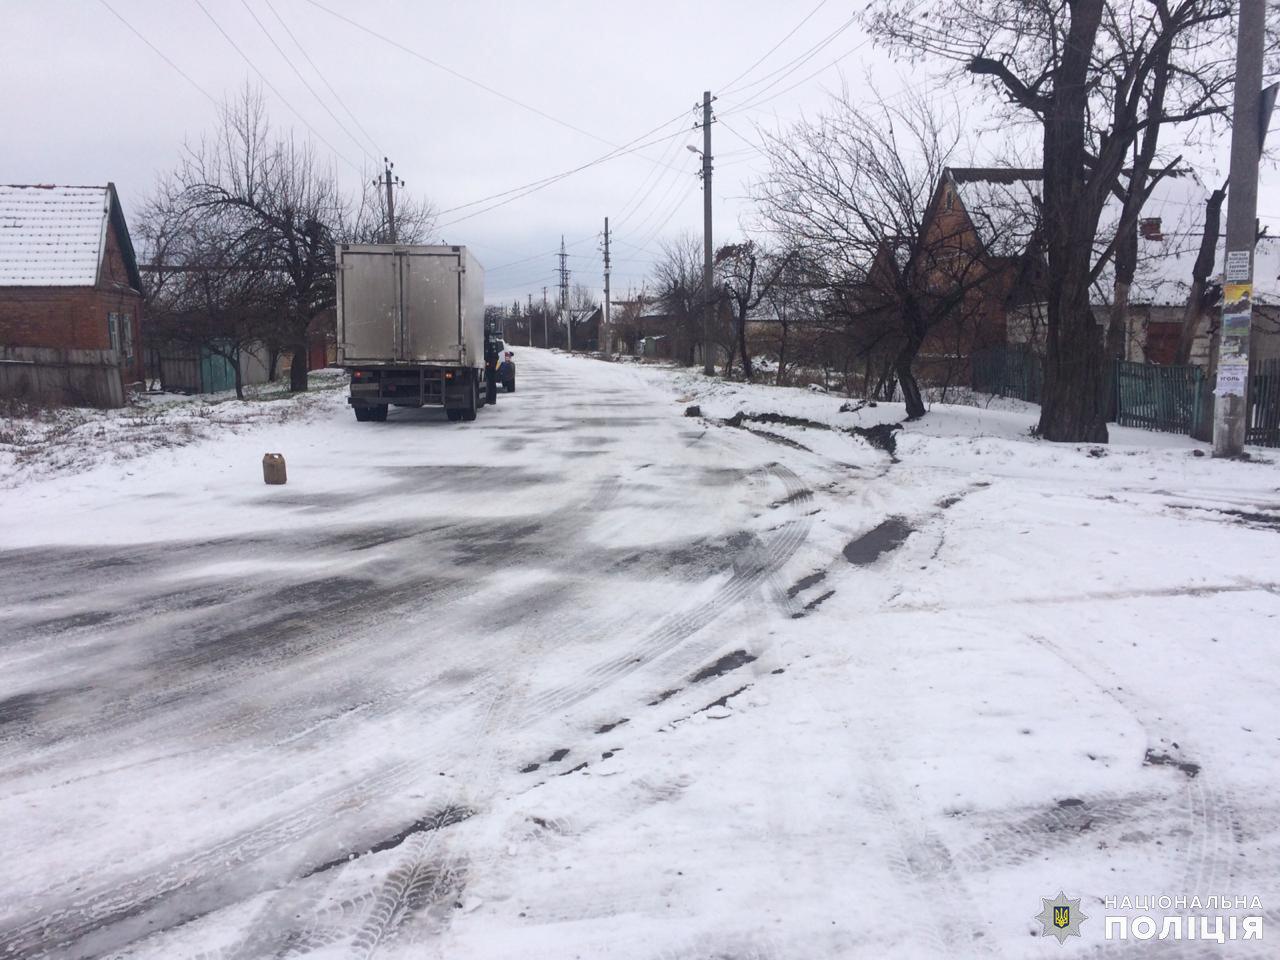 Итог первого снежного дня в Дружковке - три ДТП, фото-2